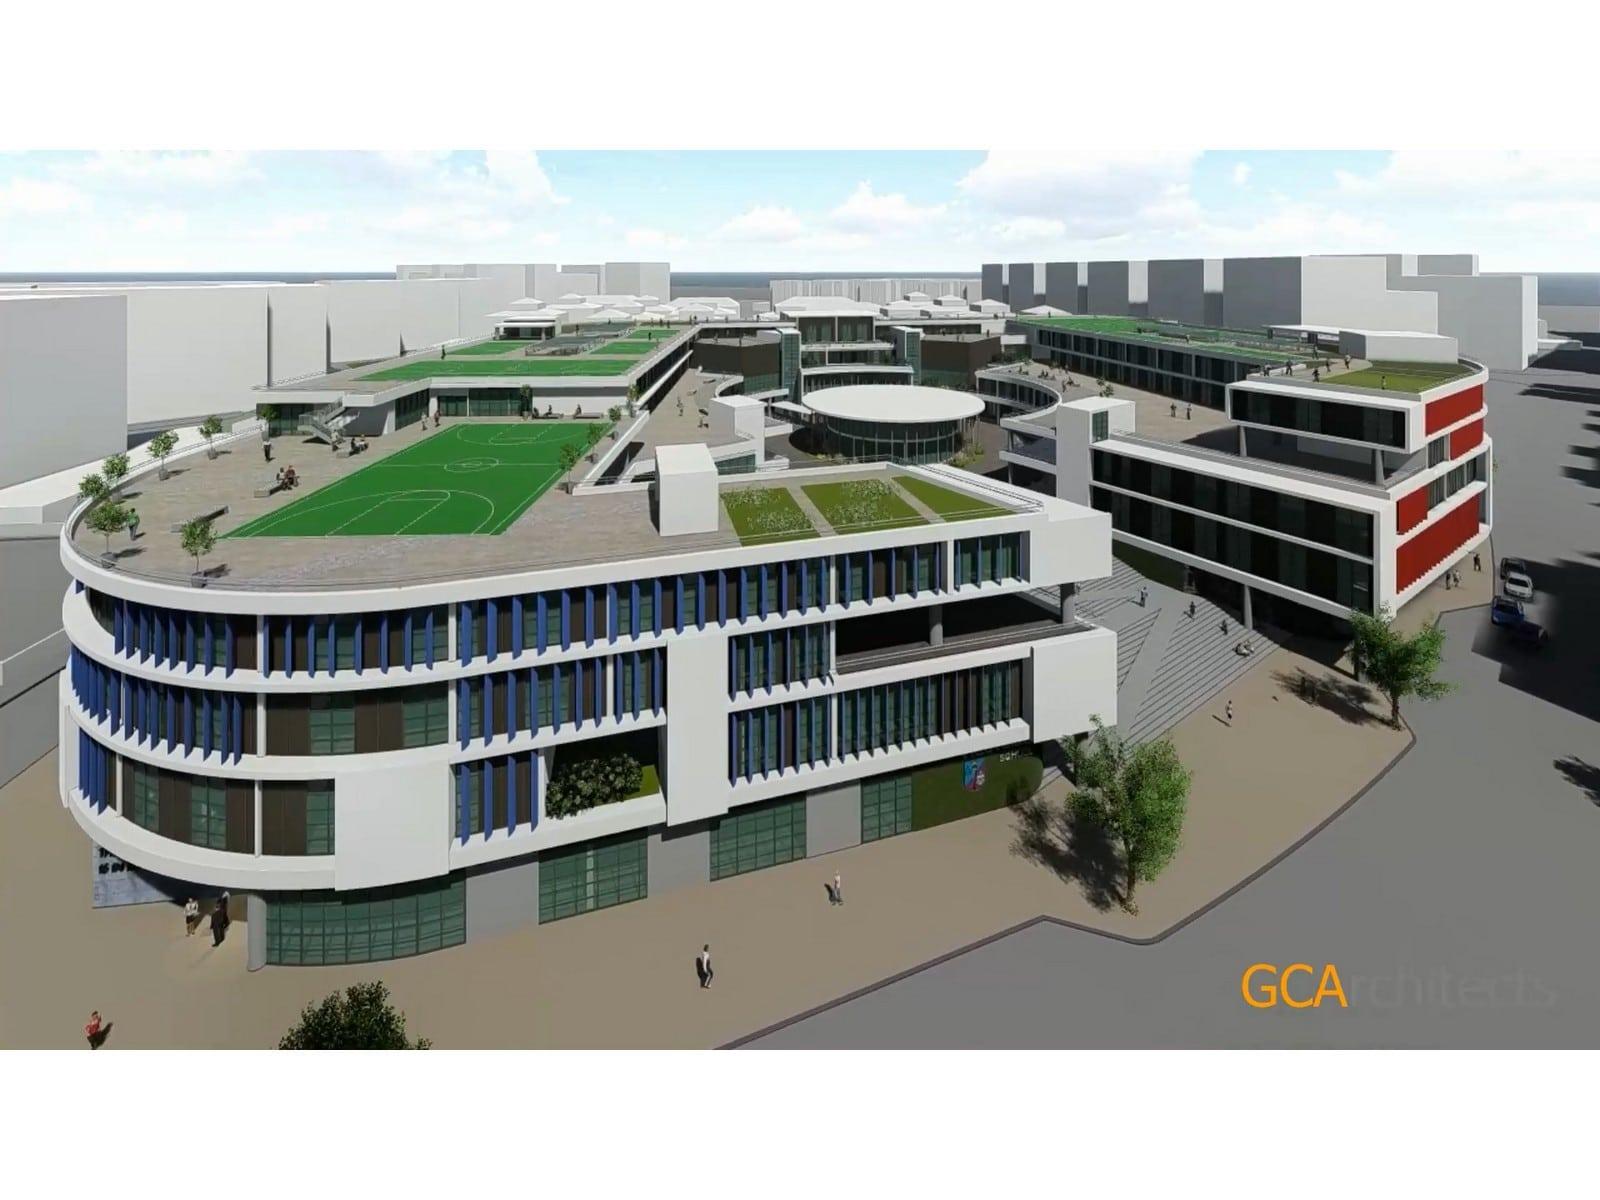 proyecto-de-construccin-de-las-dos-nuevas-escuelas-de-bayside-y-westside-en-waterport-gibraltar_27712734898_o